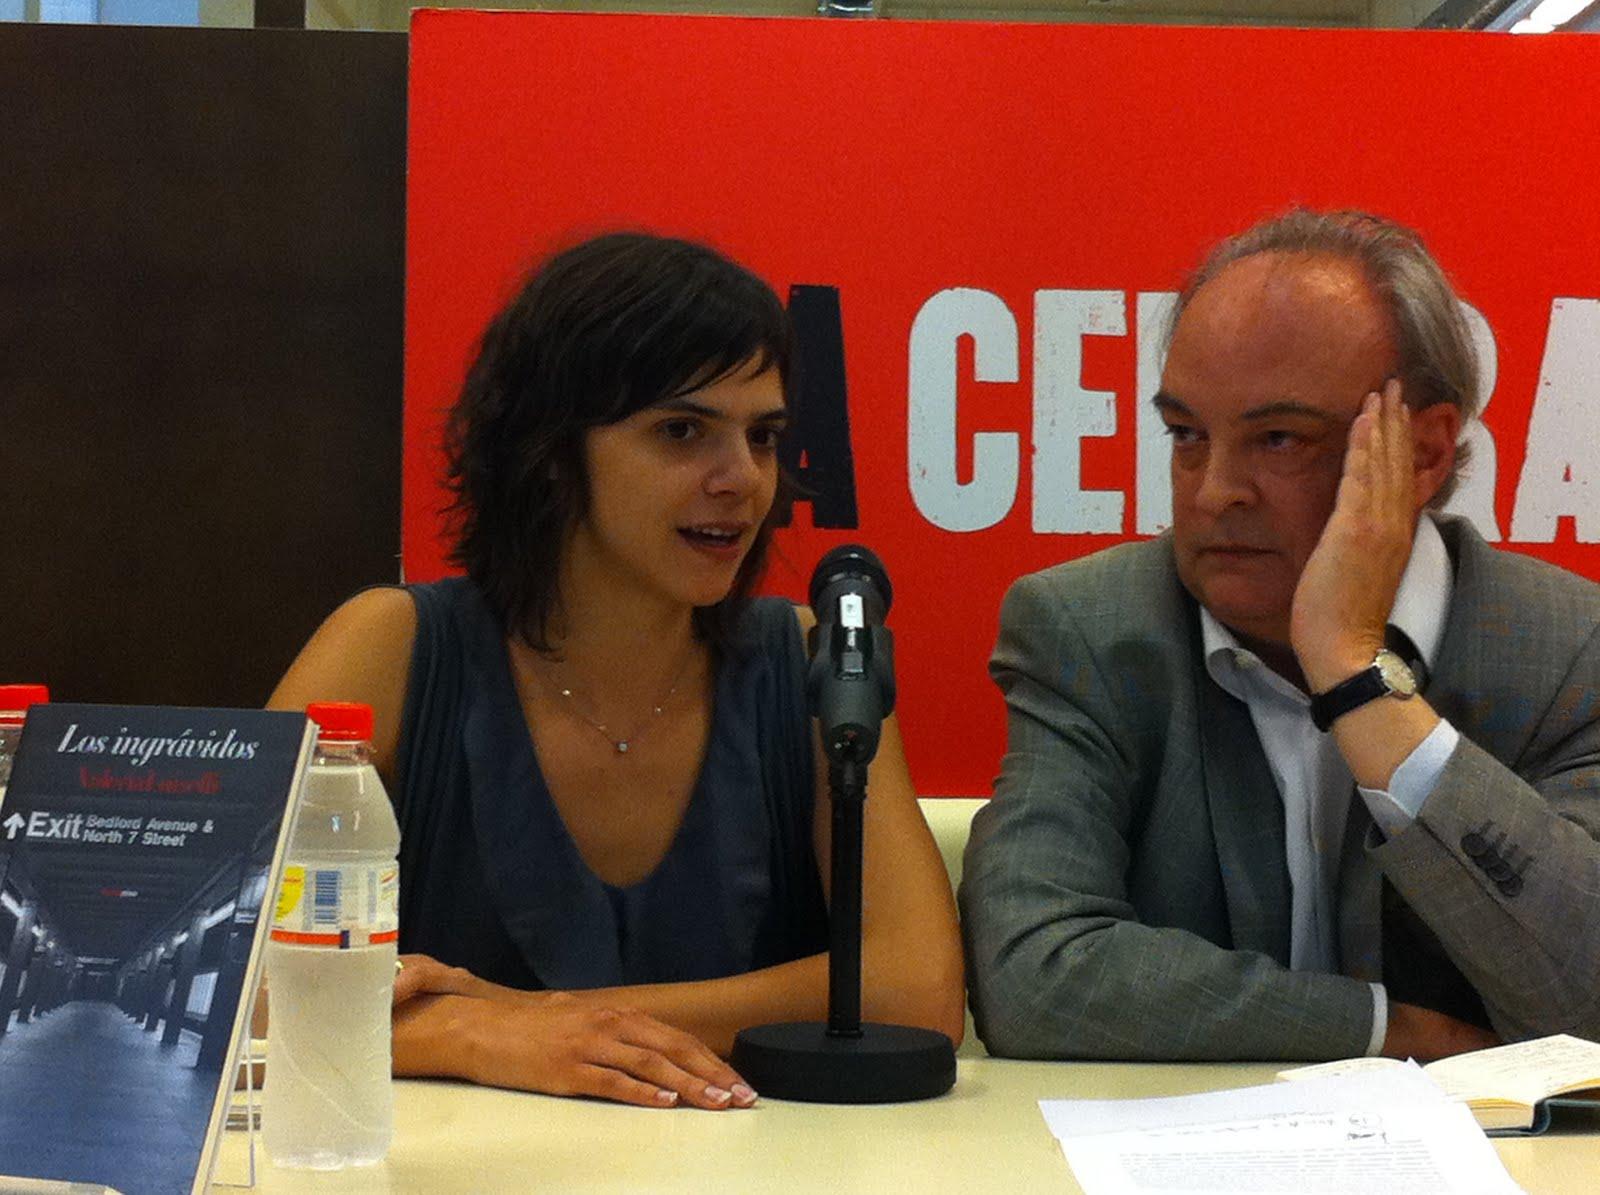 Agenda cultural del consulado general de m xico en barcelona presentaci n de libro los - Consulado holandes barcelona ...